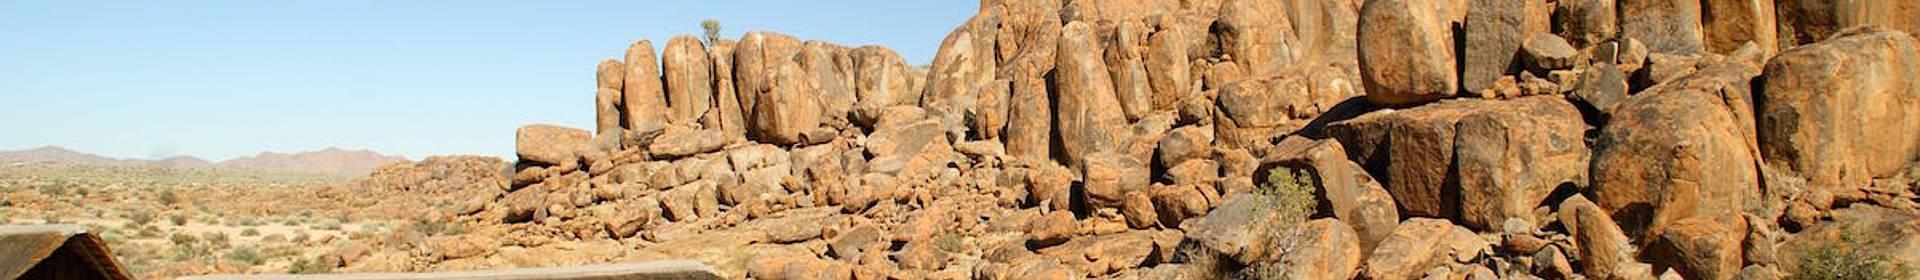 Gondwana Canyon